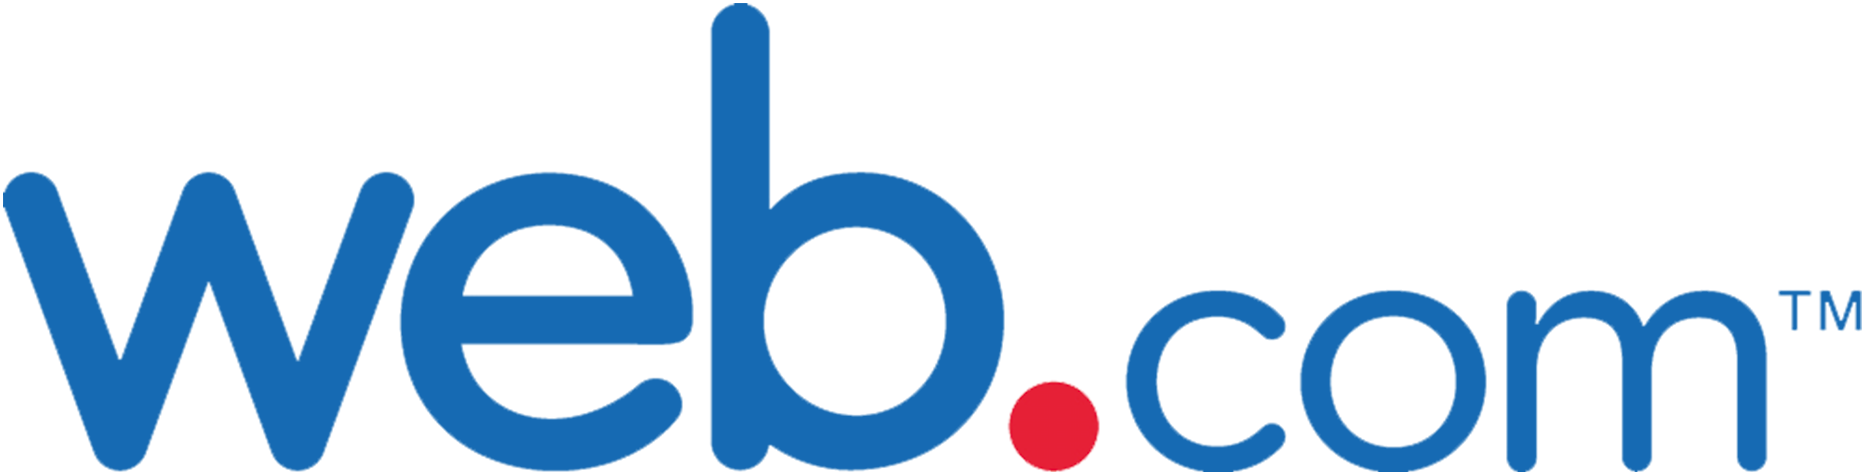 Resultado de imagen para web.com logo